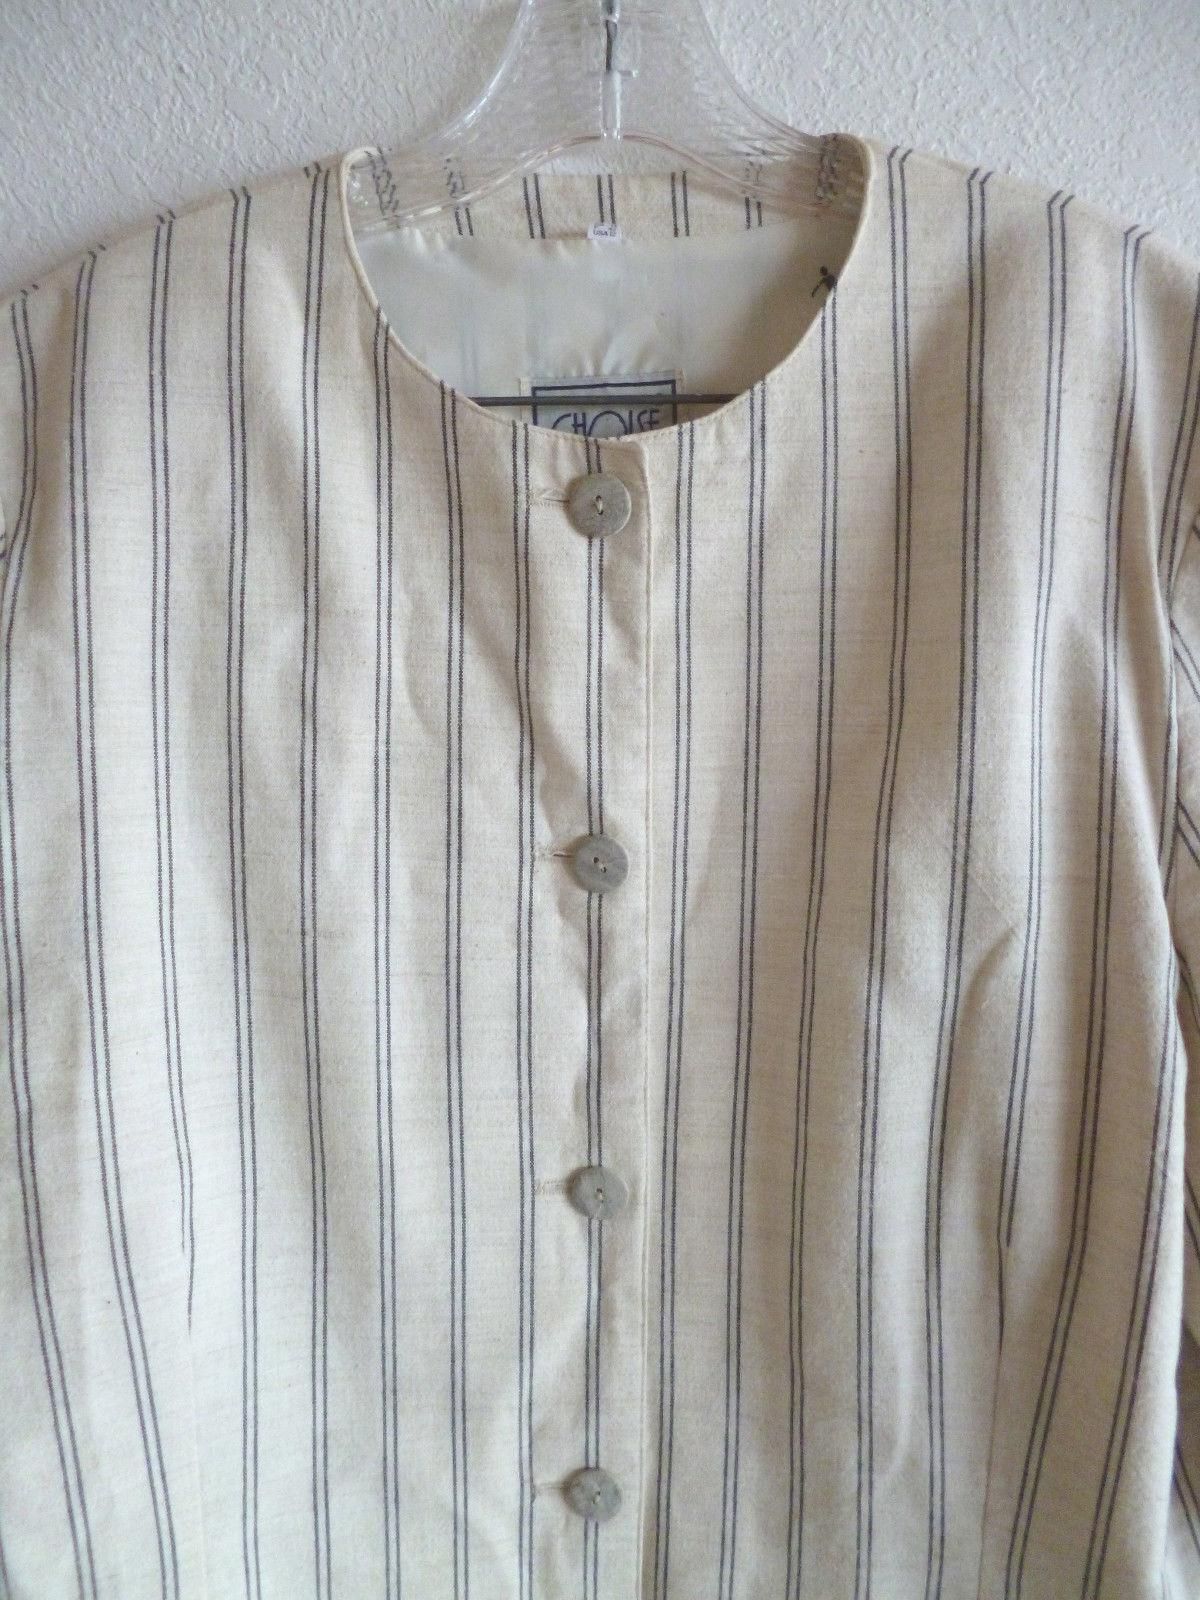 Choise Summer Pin Stripe Skirt Suit  Made in Denmark Crm Navy Linen Blend  12